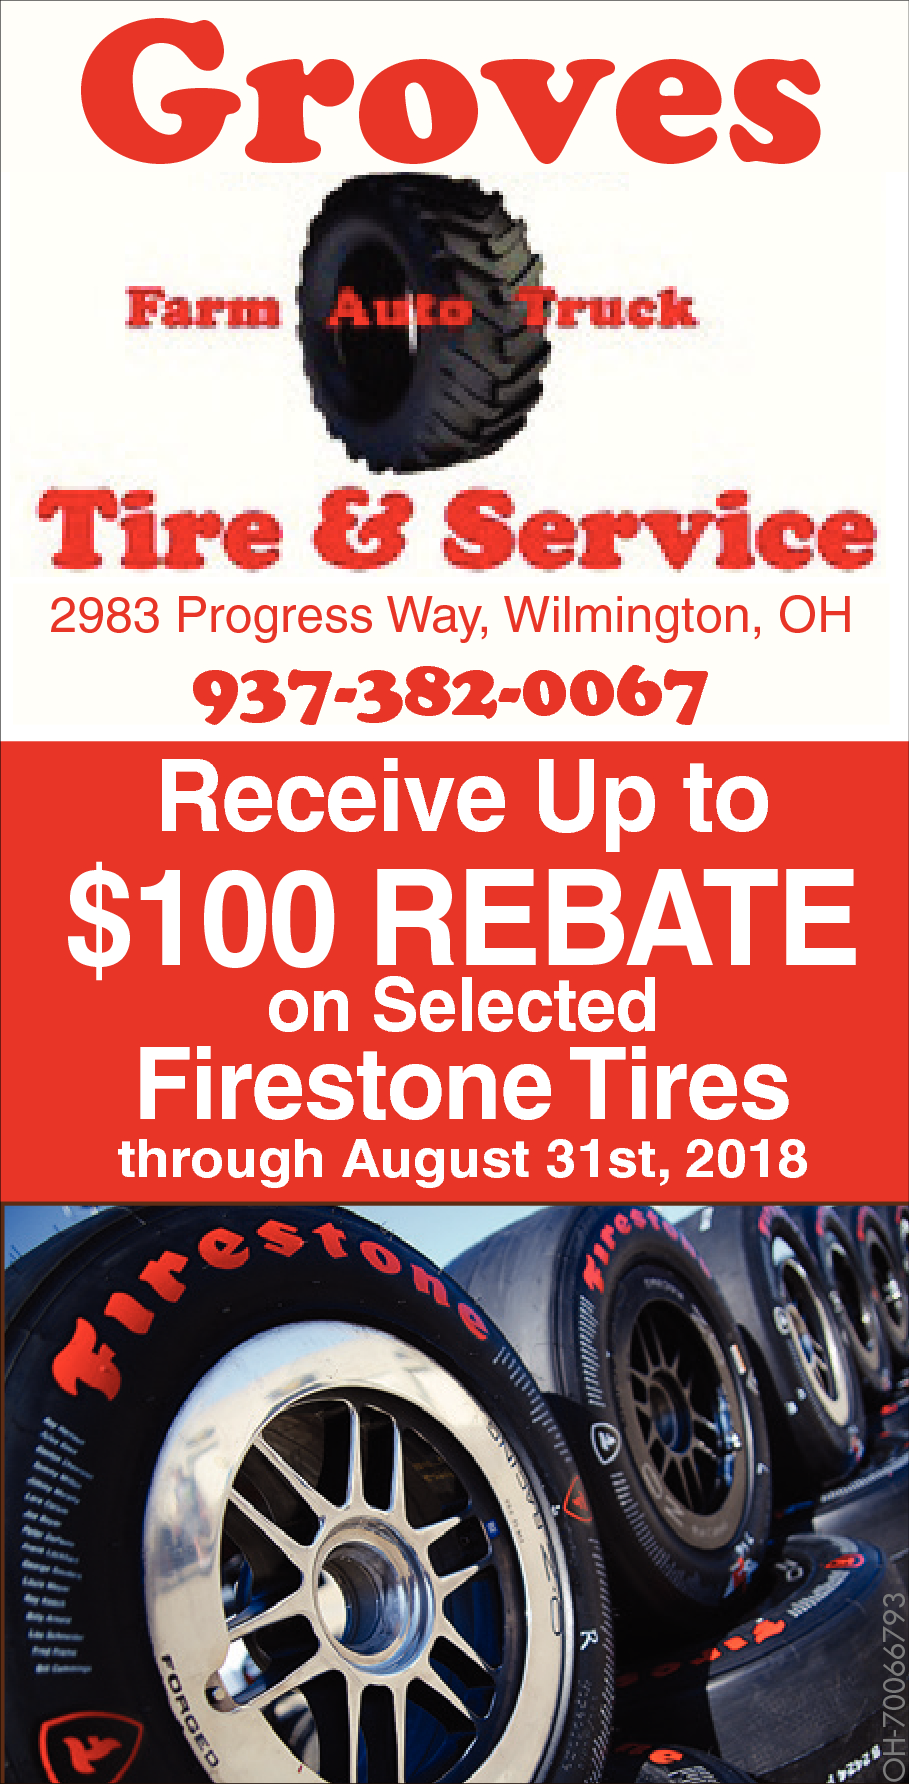 Firestone Rebate Form 2017